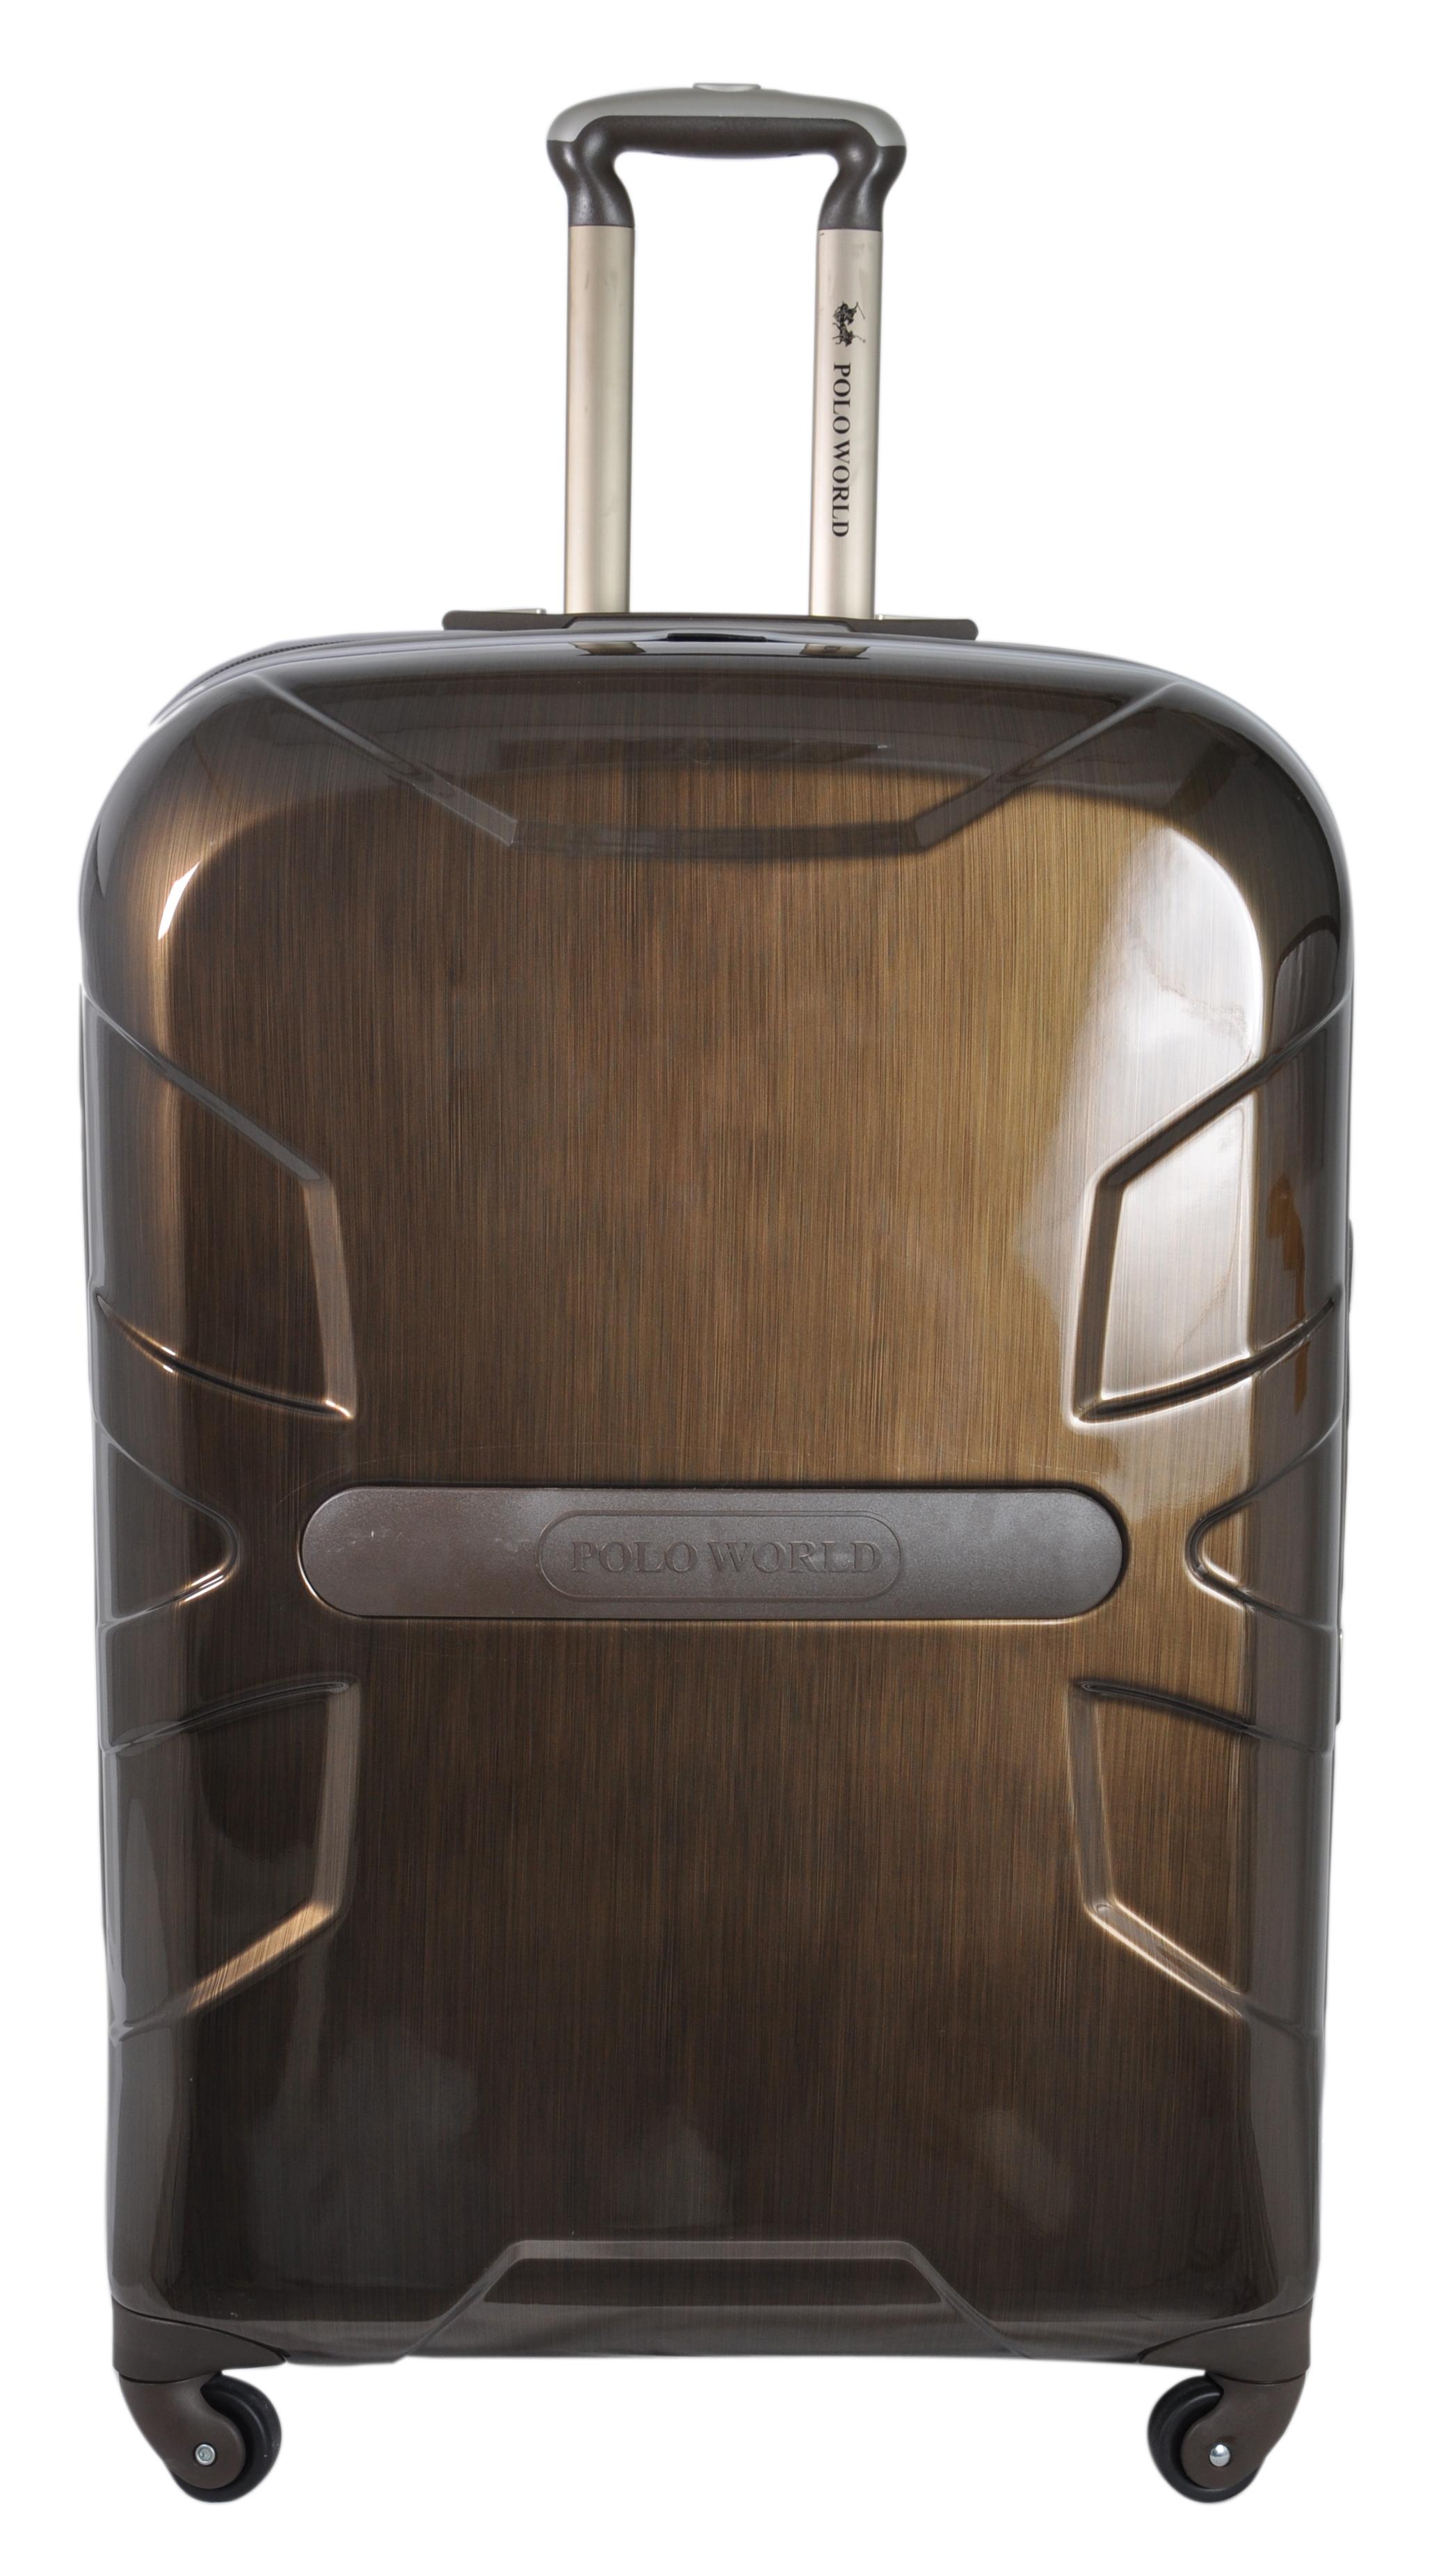 """กระเป๋าเดินทาง Polo World รุ่น PW121-TSA 28"""" (สีน้ำตาลเนื้อด้าน)"""